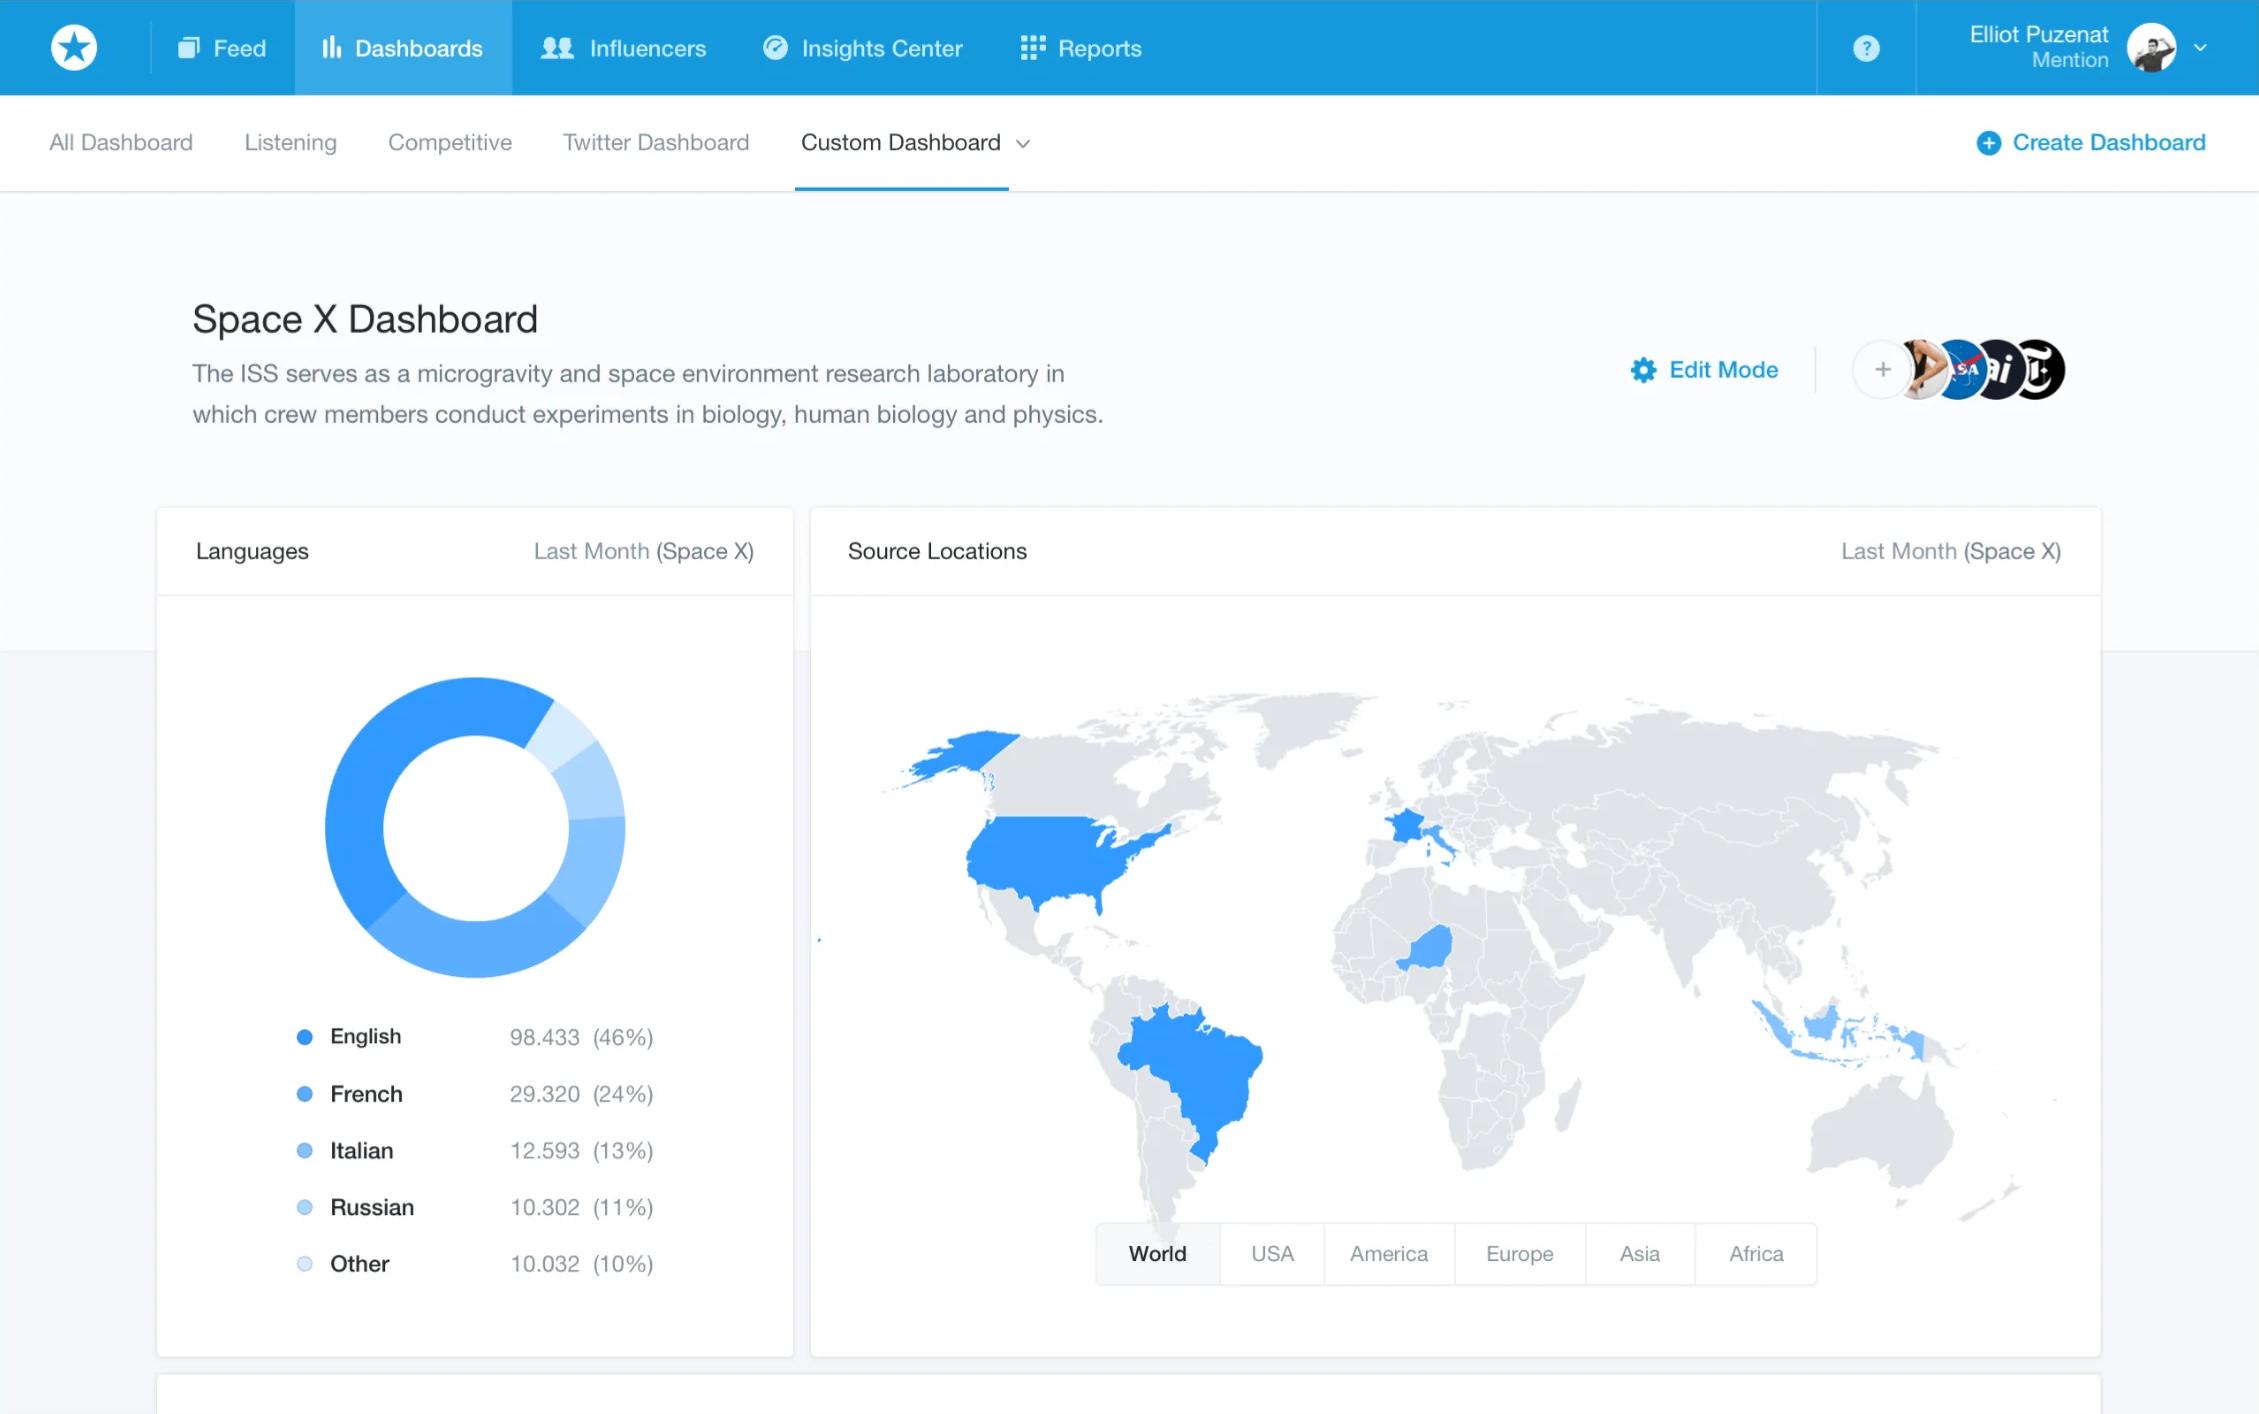 Информационная панель (дашборд) с бренд-аналитикой активности в социальных медиа в онлайн-сервисе Mention